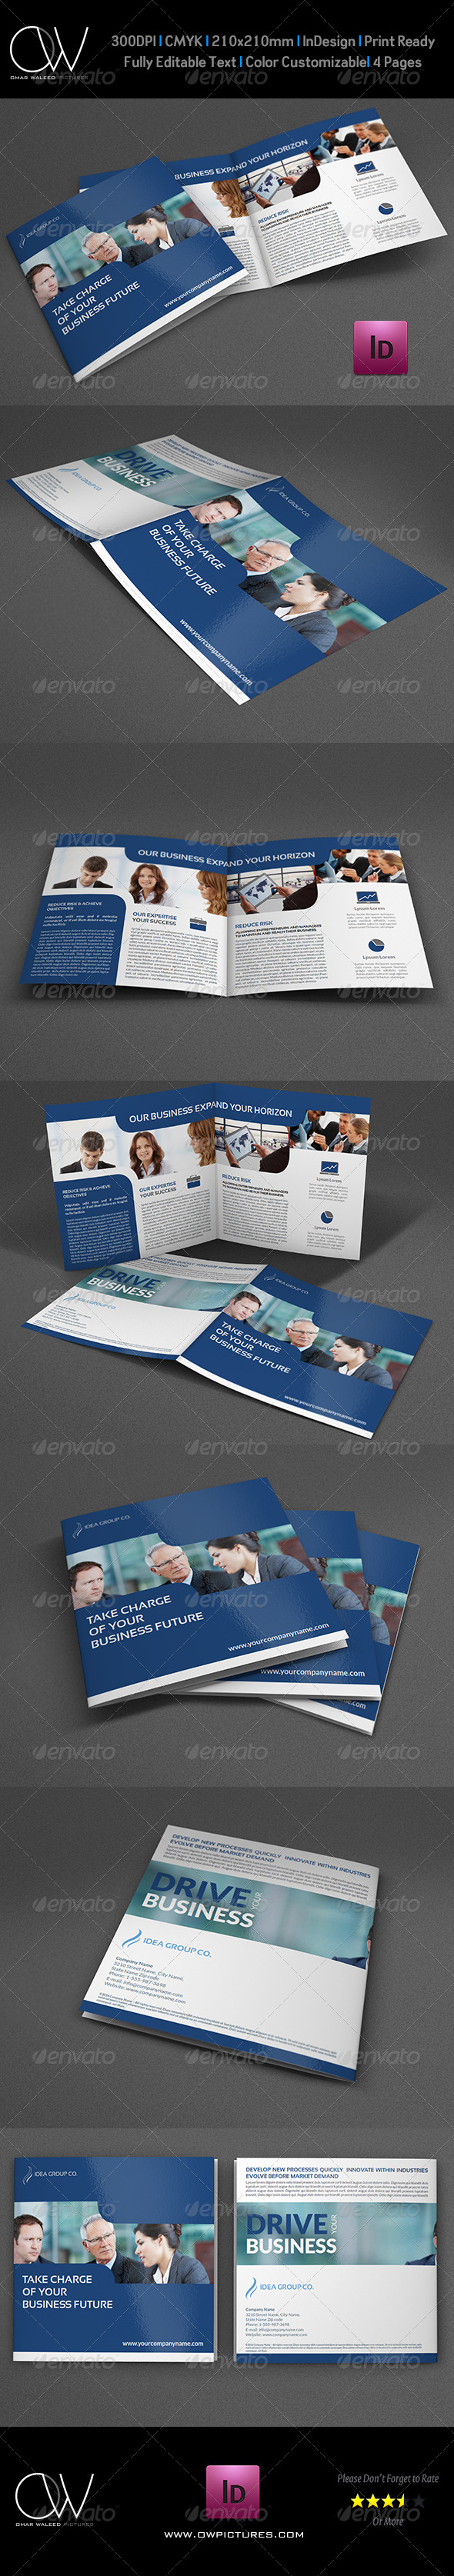 GraphicRiver Company Brochure Bi-Fold Square Template Vol.24 7532937